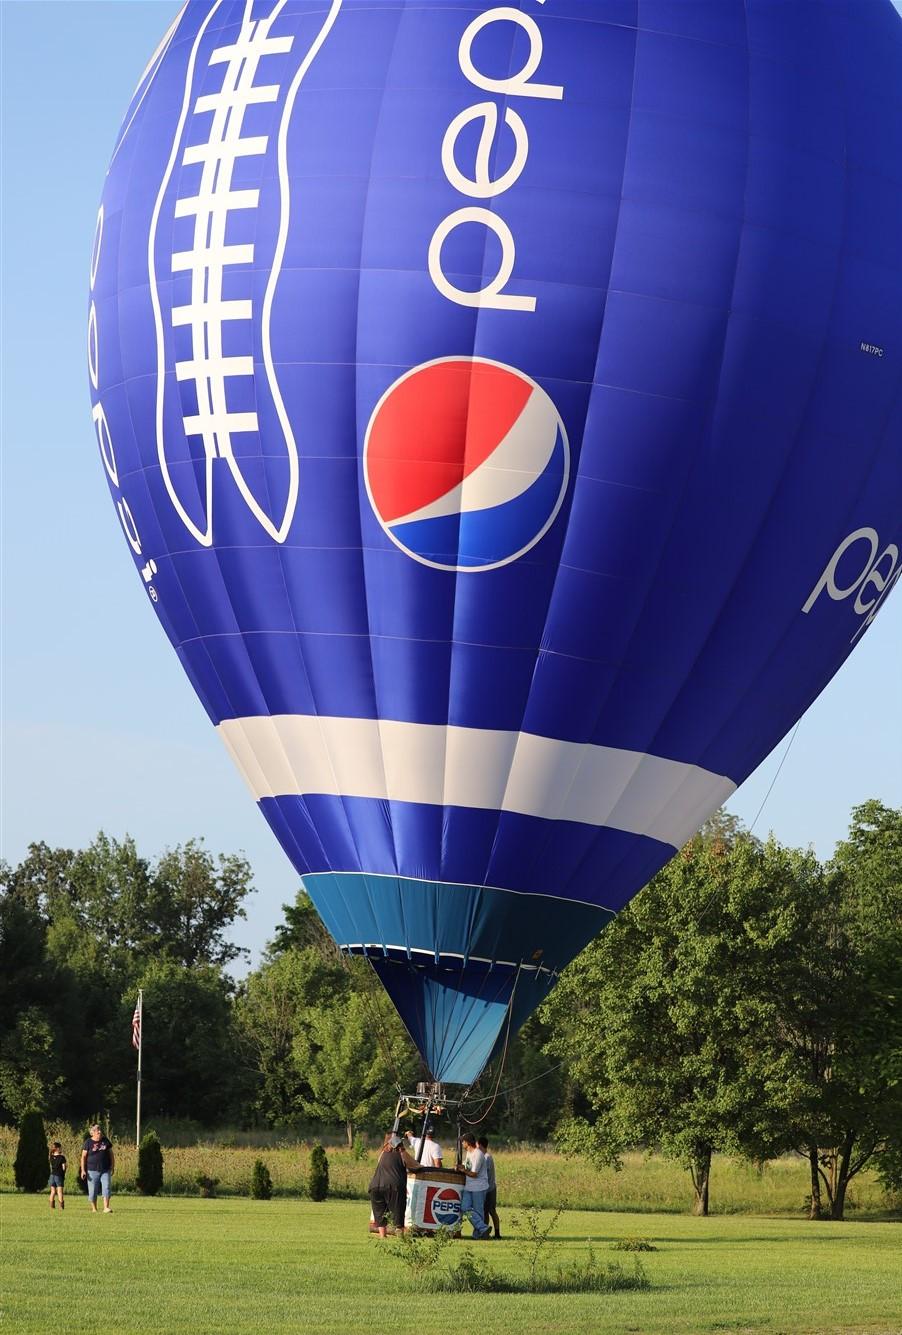 2018 08 11 262 Marysville OH Balloon Festival.jpg